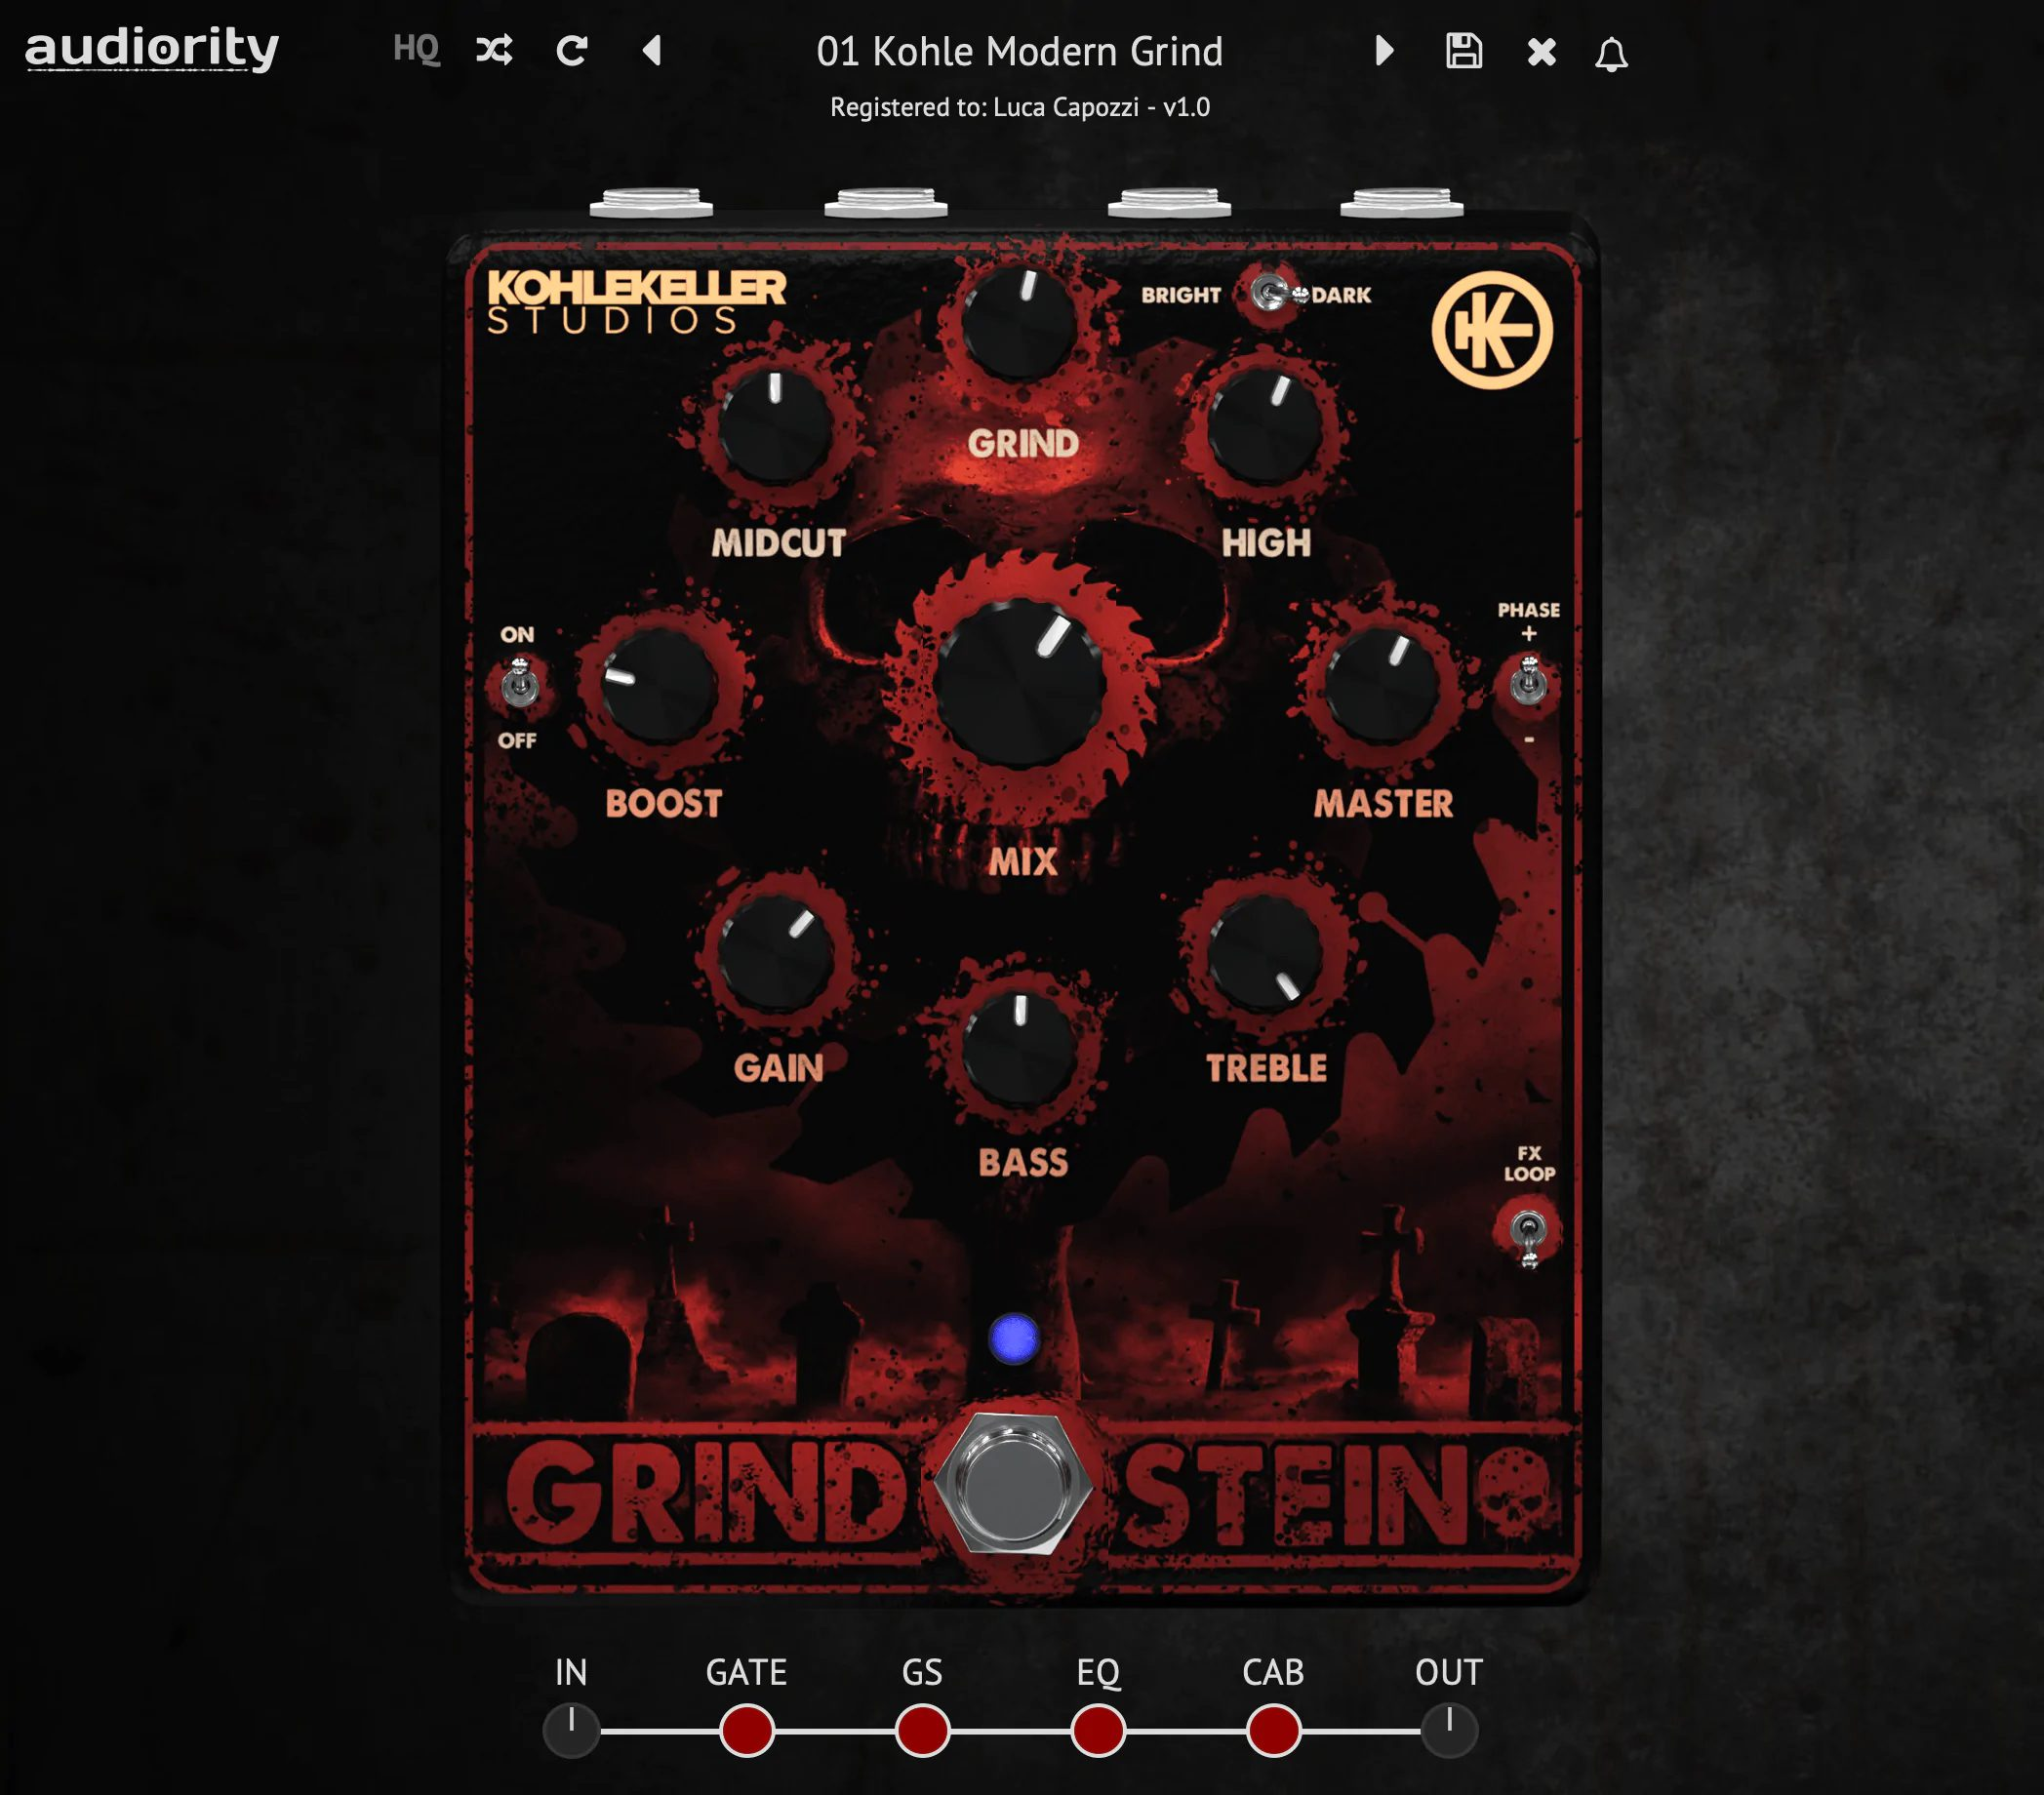 Audiority Grindstein